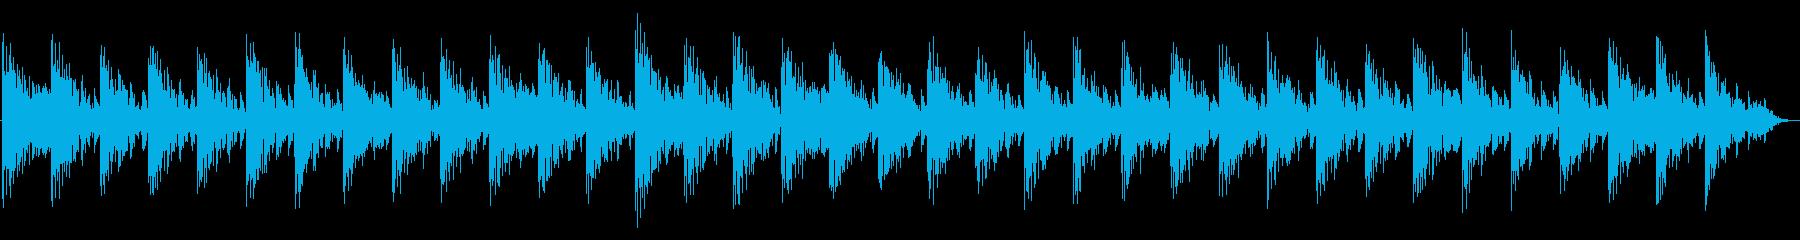 エレクトリックピアノと不気味なパッ...の再生済みの波形